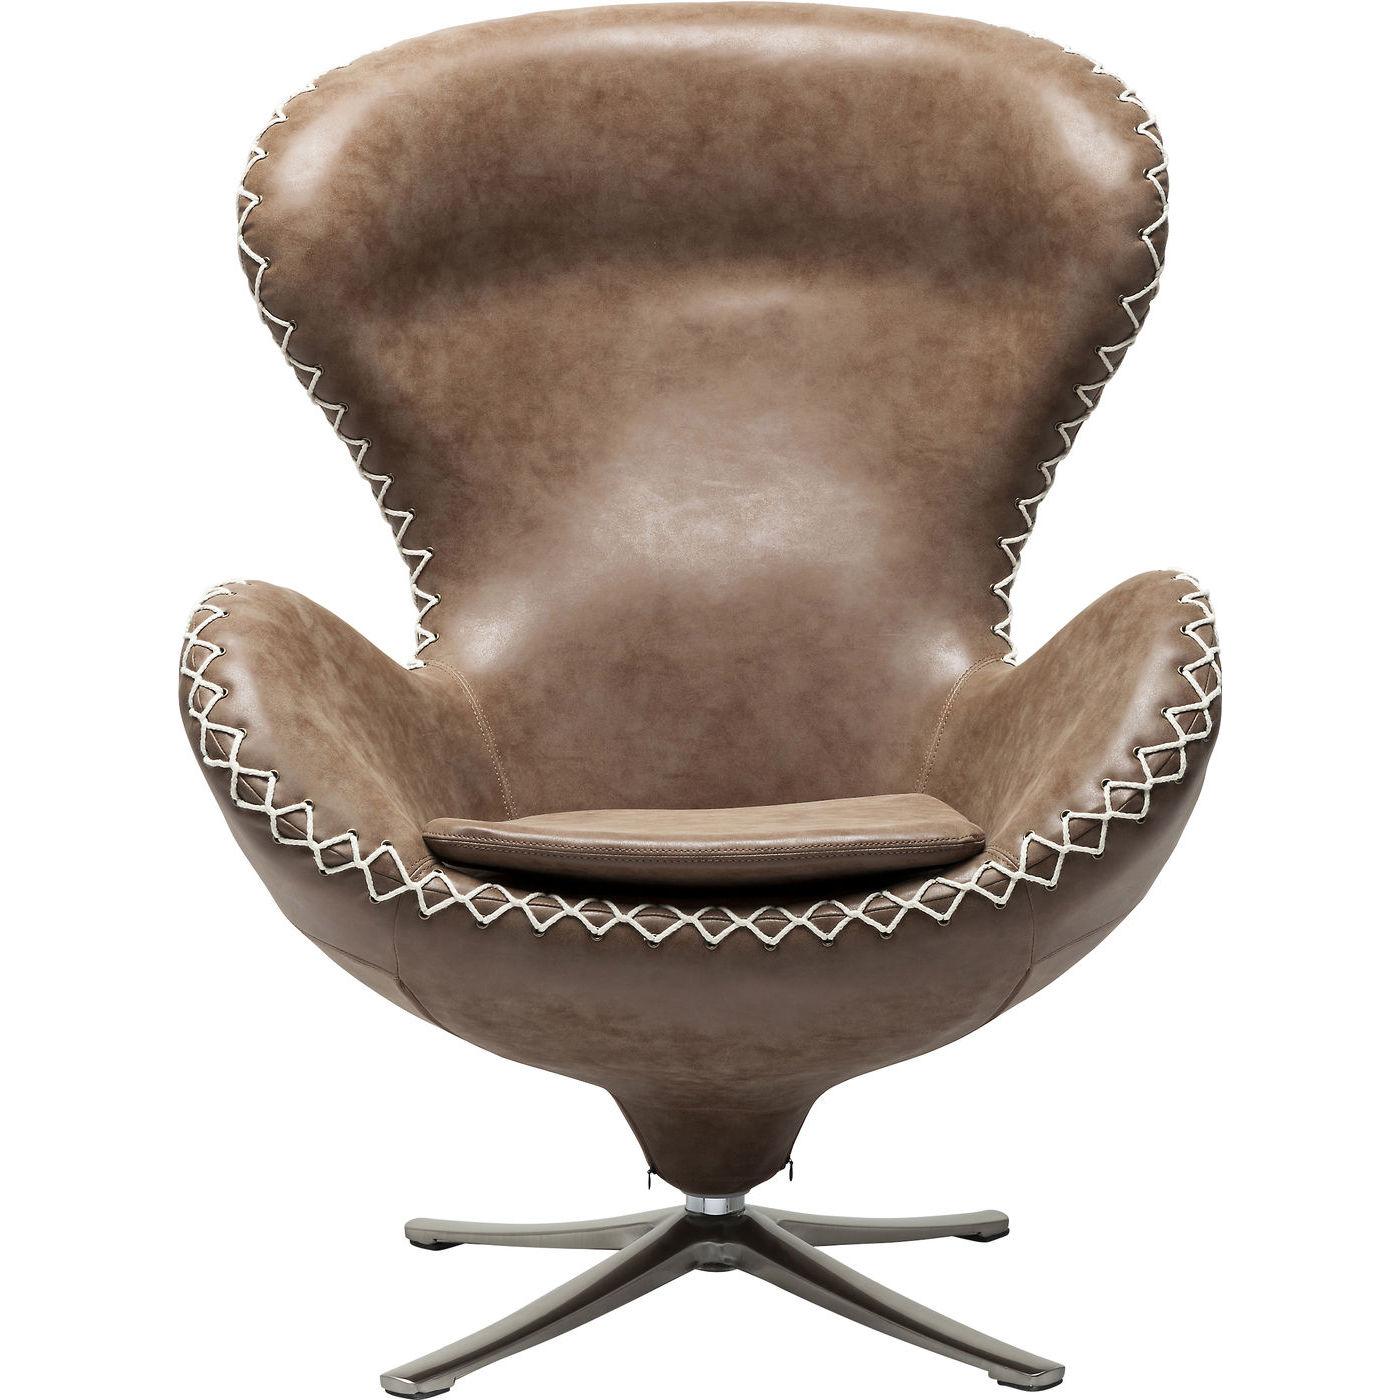 Kare design lounge bonanza drejestol - brunt læderlook fra kare design på boboonline.dk